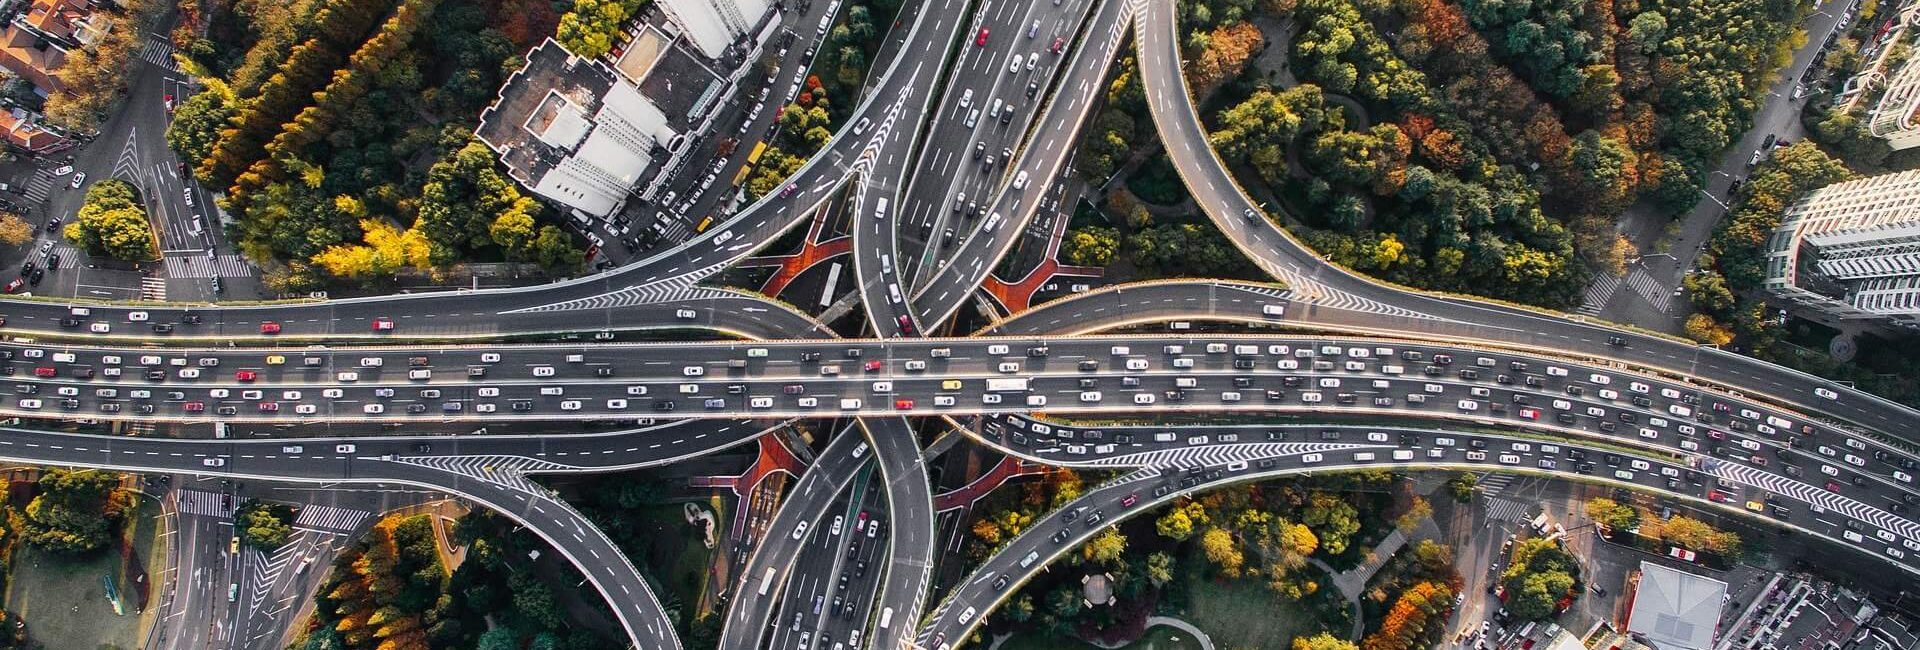 avenidas-arquitetura-do-futuro